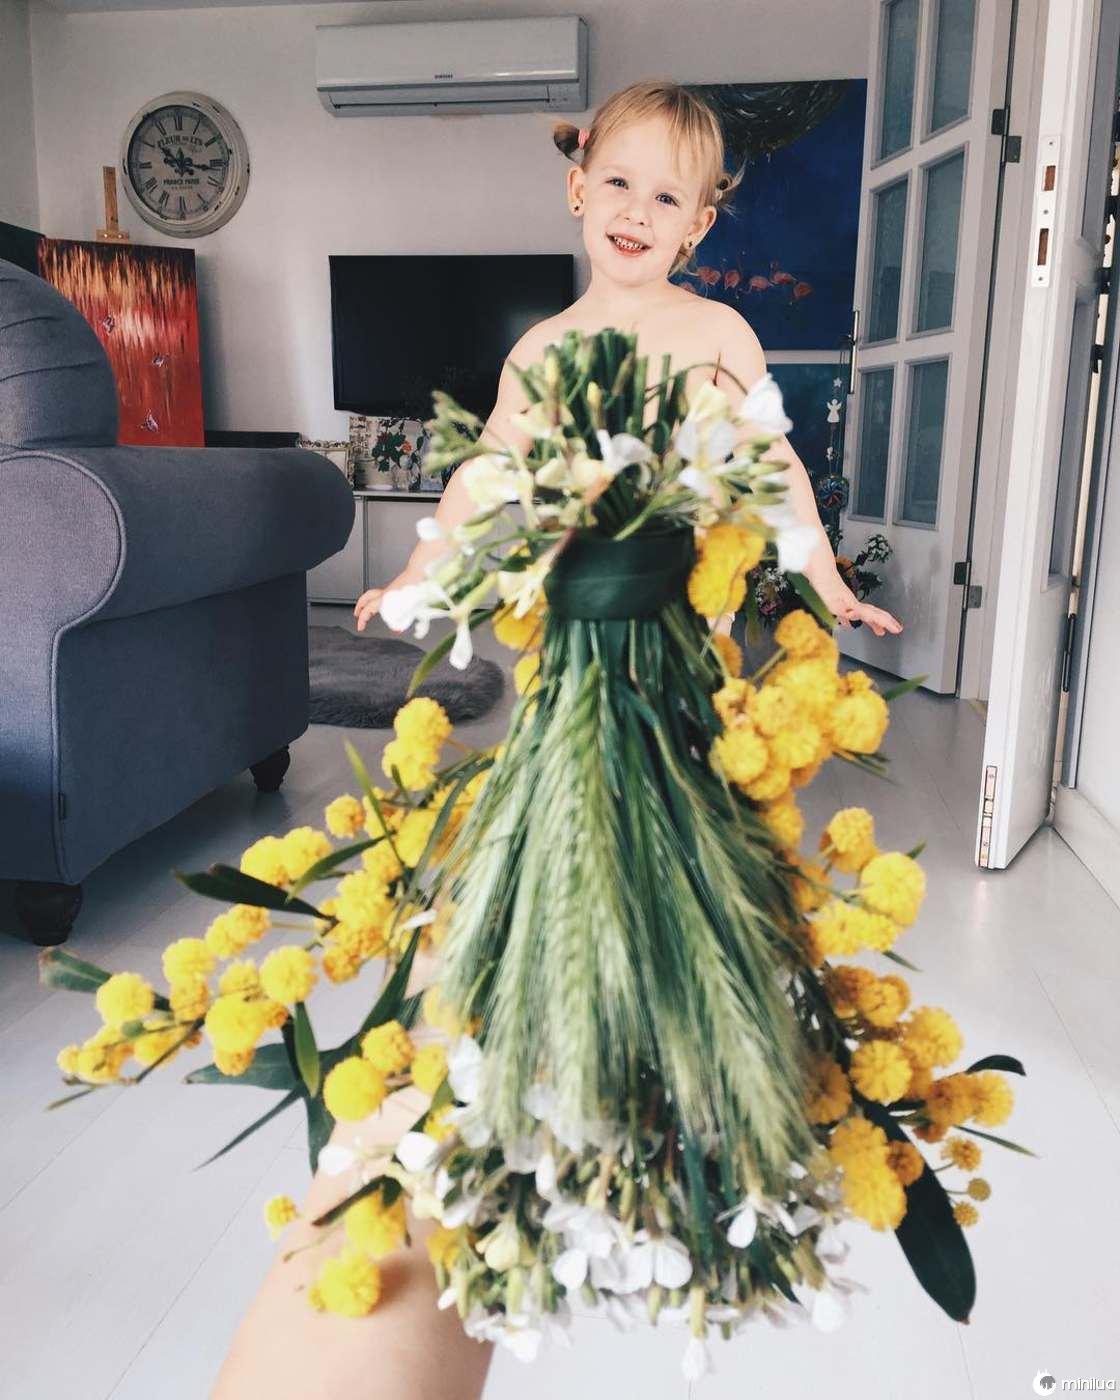 Mãe e Filha De 3 Anos Fazem Sucesso No Instagram Com Os Seus Criativos Vestidos 3